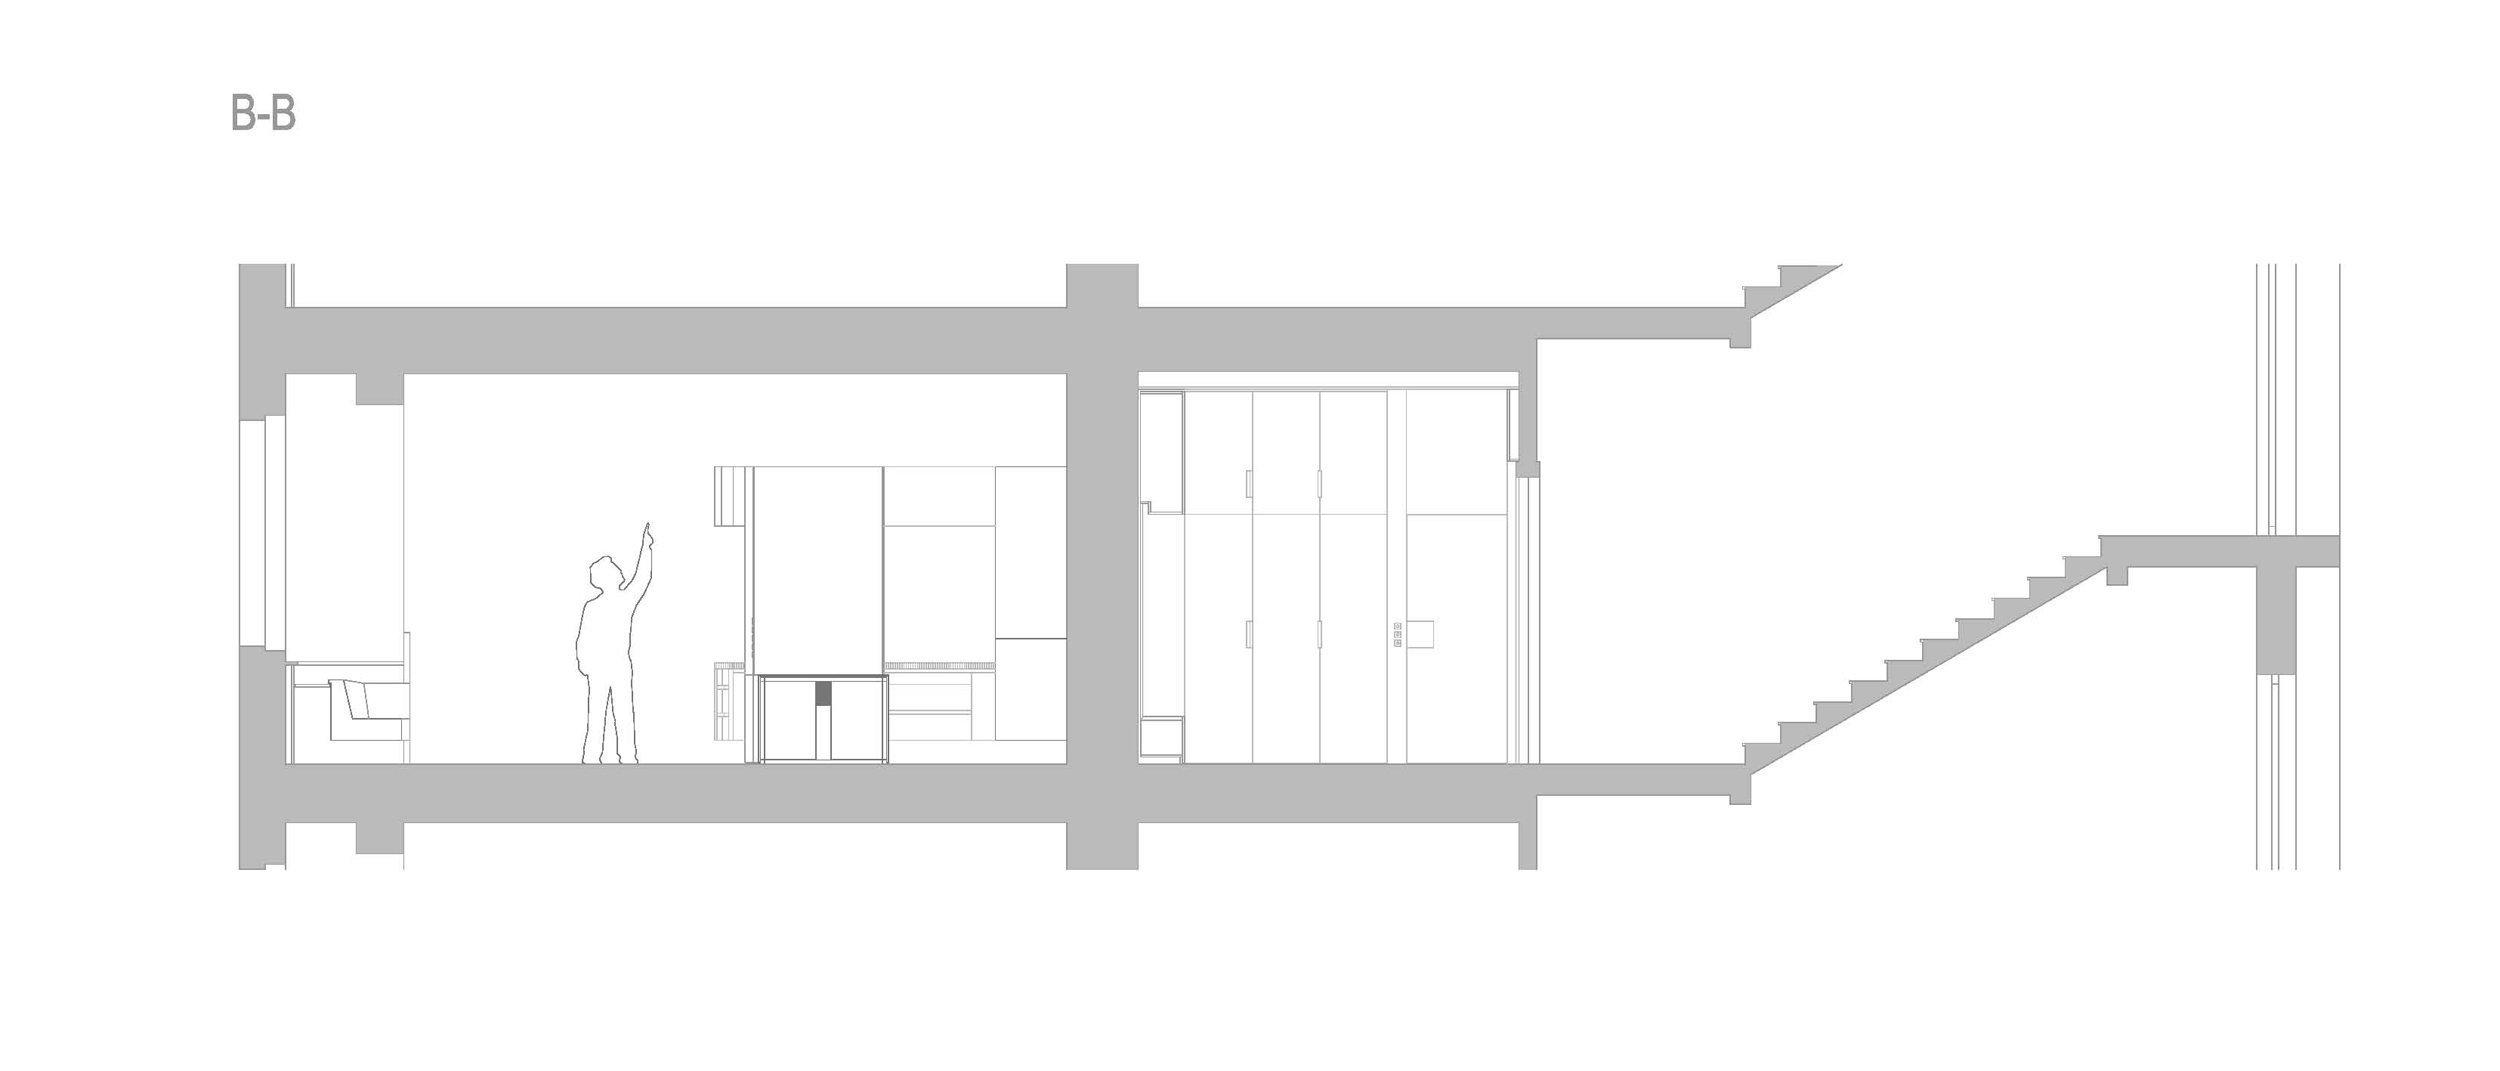 V době svého vzniku byl v prvním patře secesního činžovního domu jeden byt. V éře komunismu brutálně a necitlivě rozdělen na tři jednotky. Klient koupil tato…